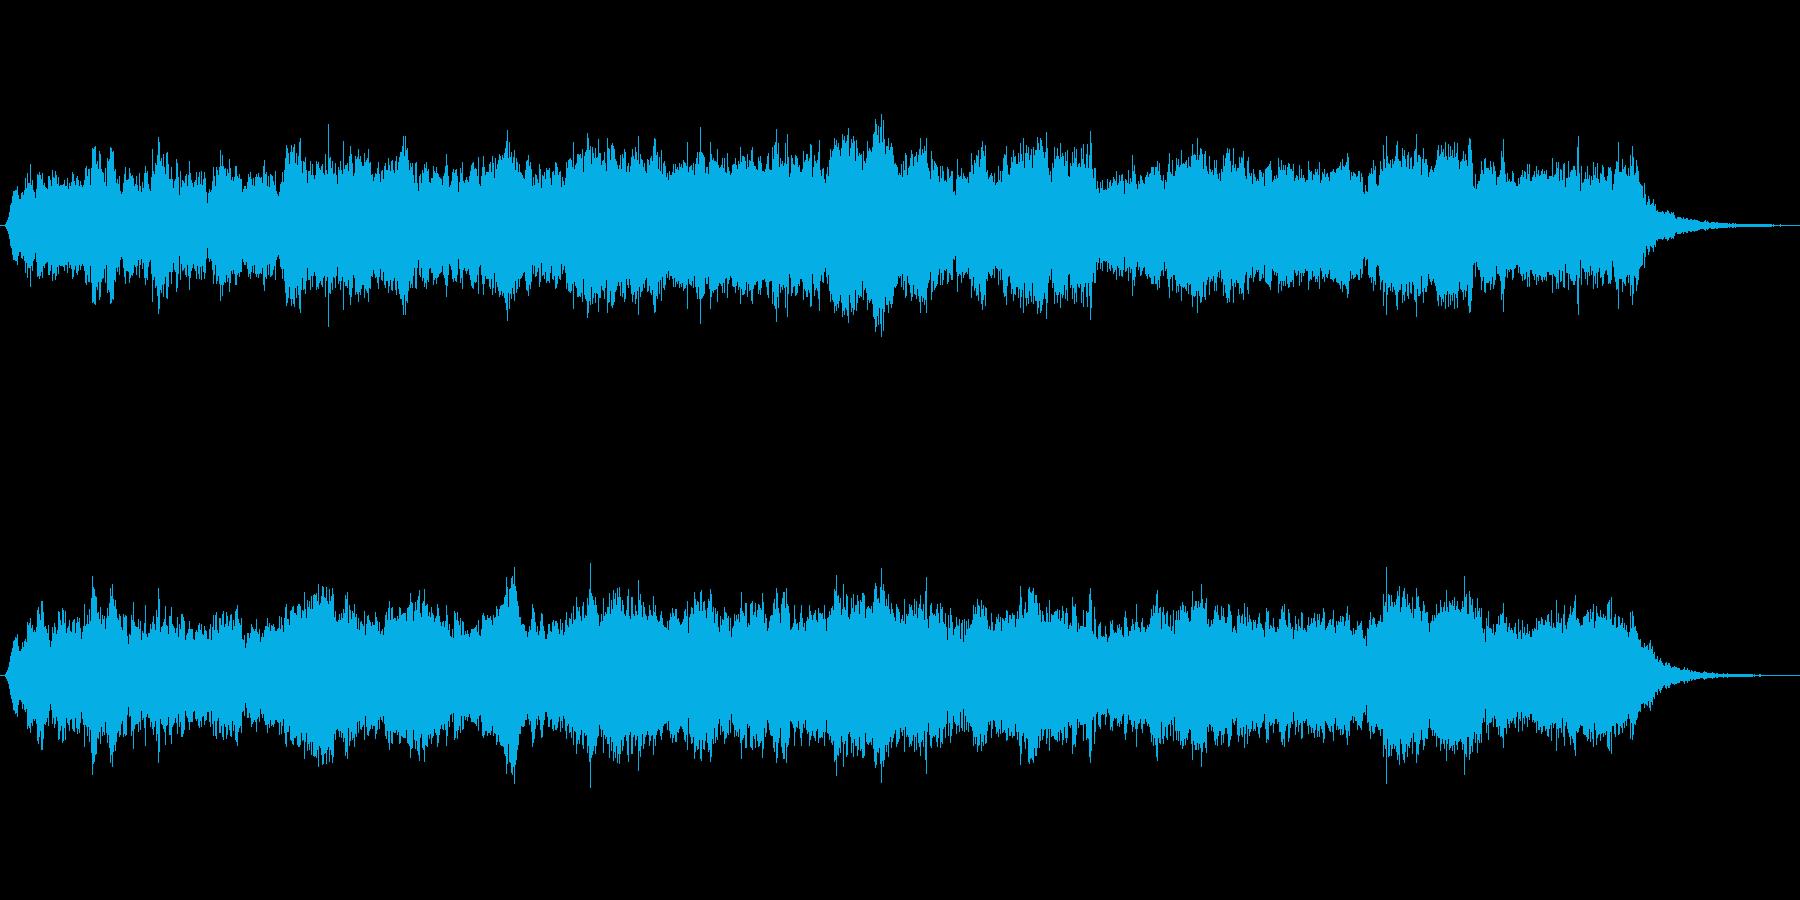 オーボエとシンセの優しい雰囲気のジングルの再生済みの波形